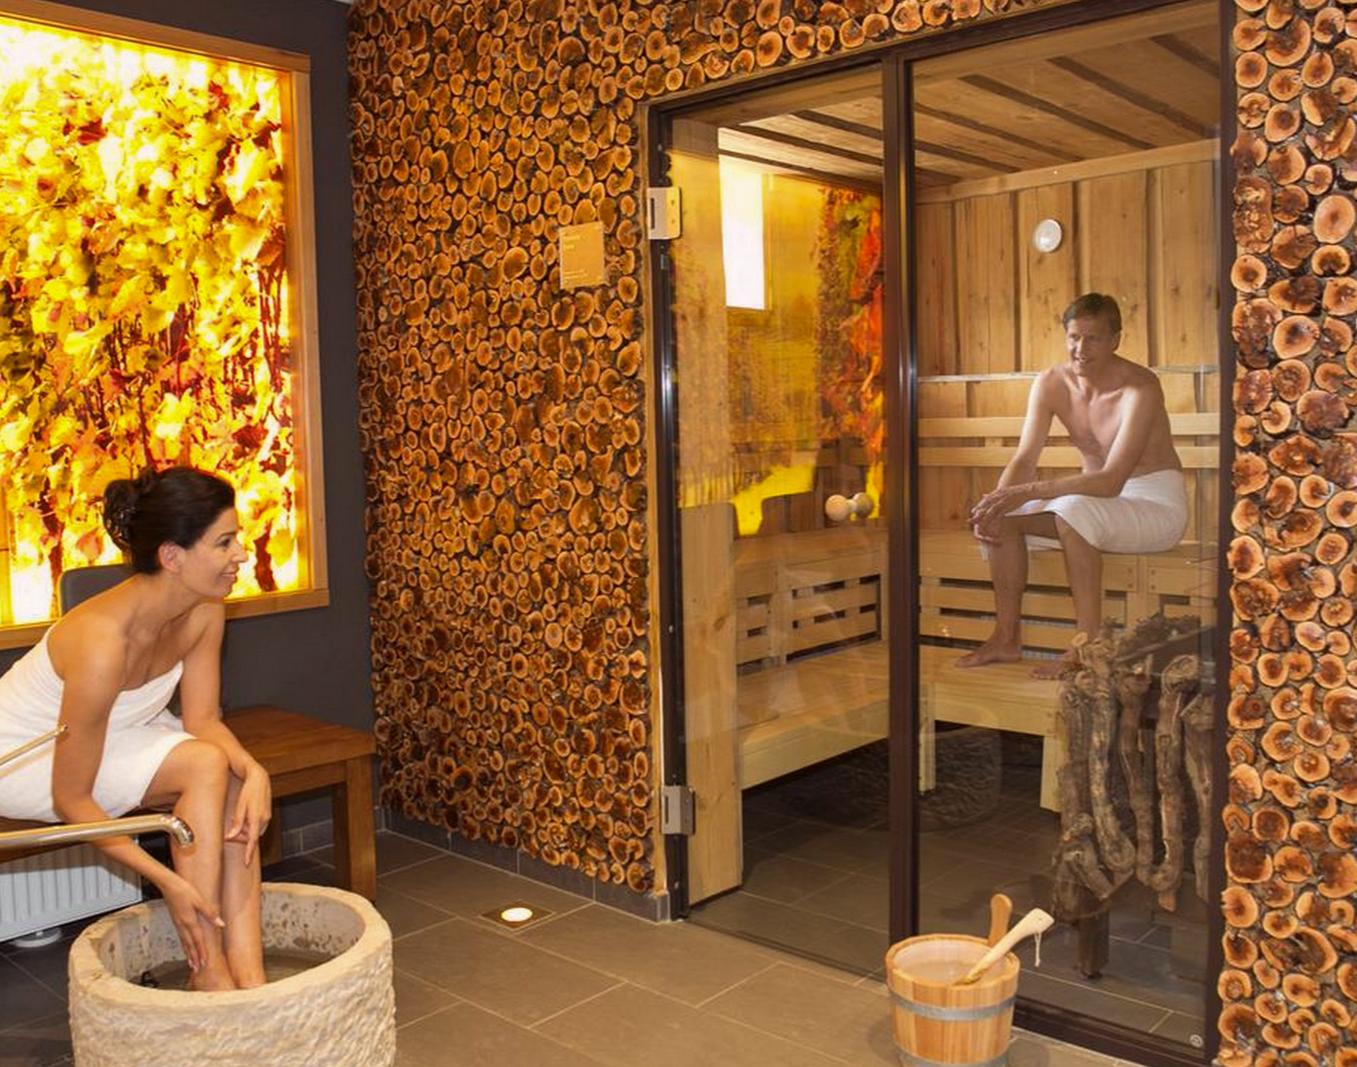 Wellnessurlaub im Rheingau 2 ÜN, 2 Personen AKZENT Hotel Berg's Alte Bauernschänke - Gutschein für Wellness-Anwendungen